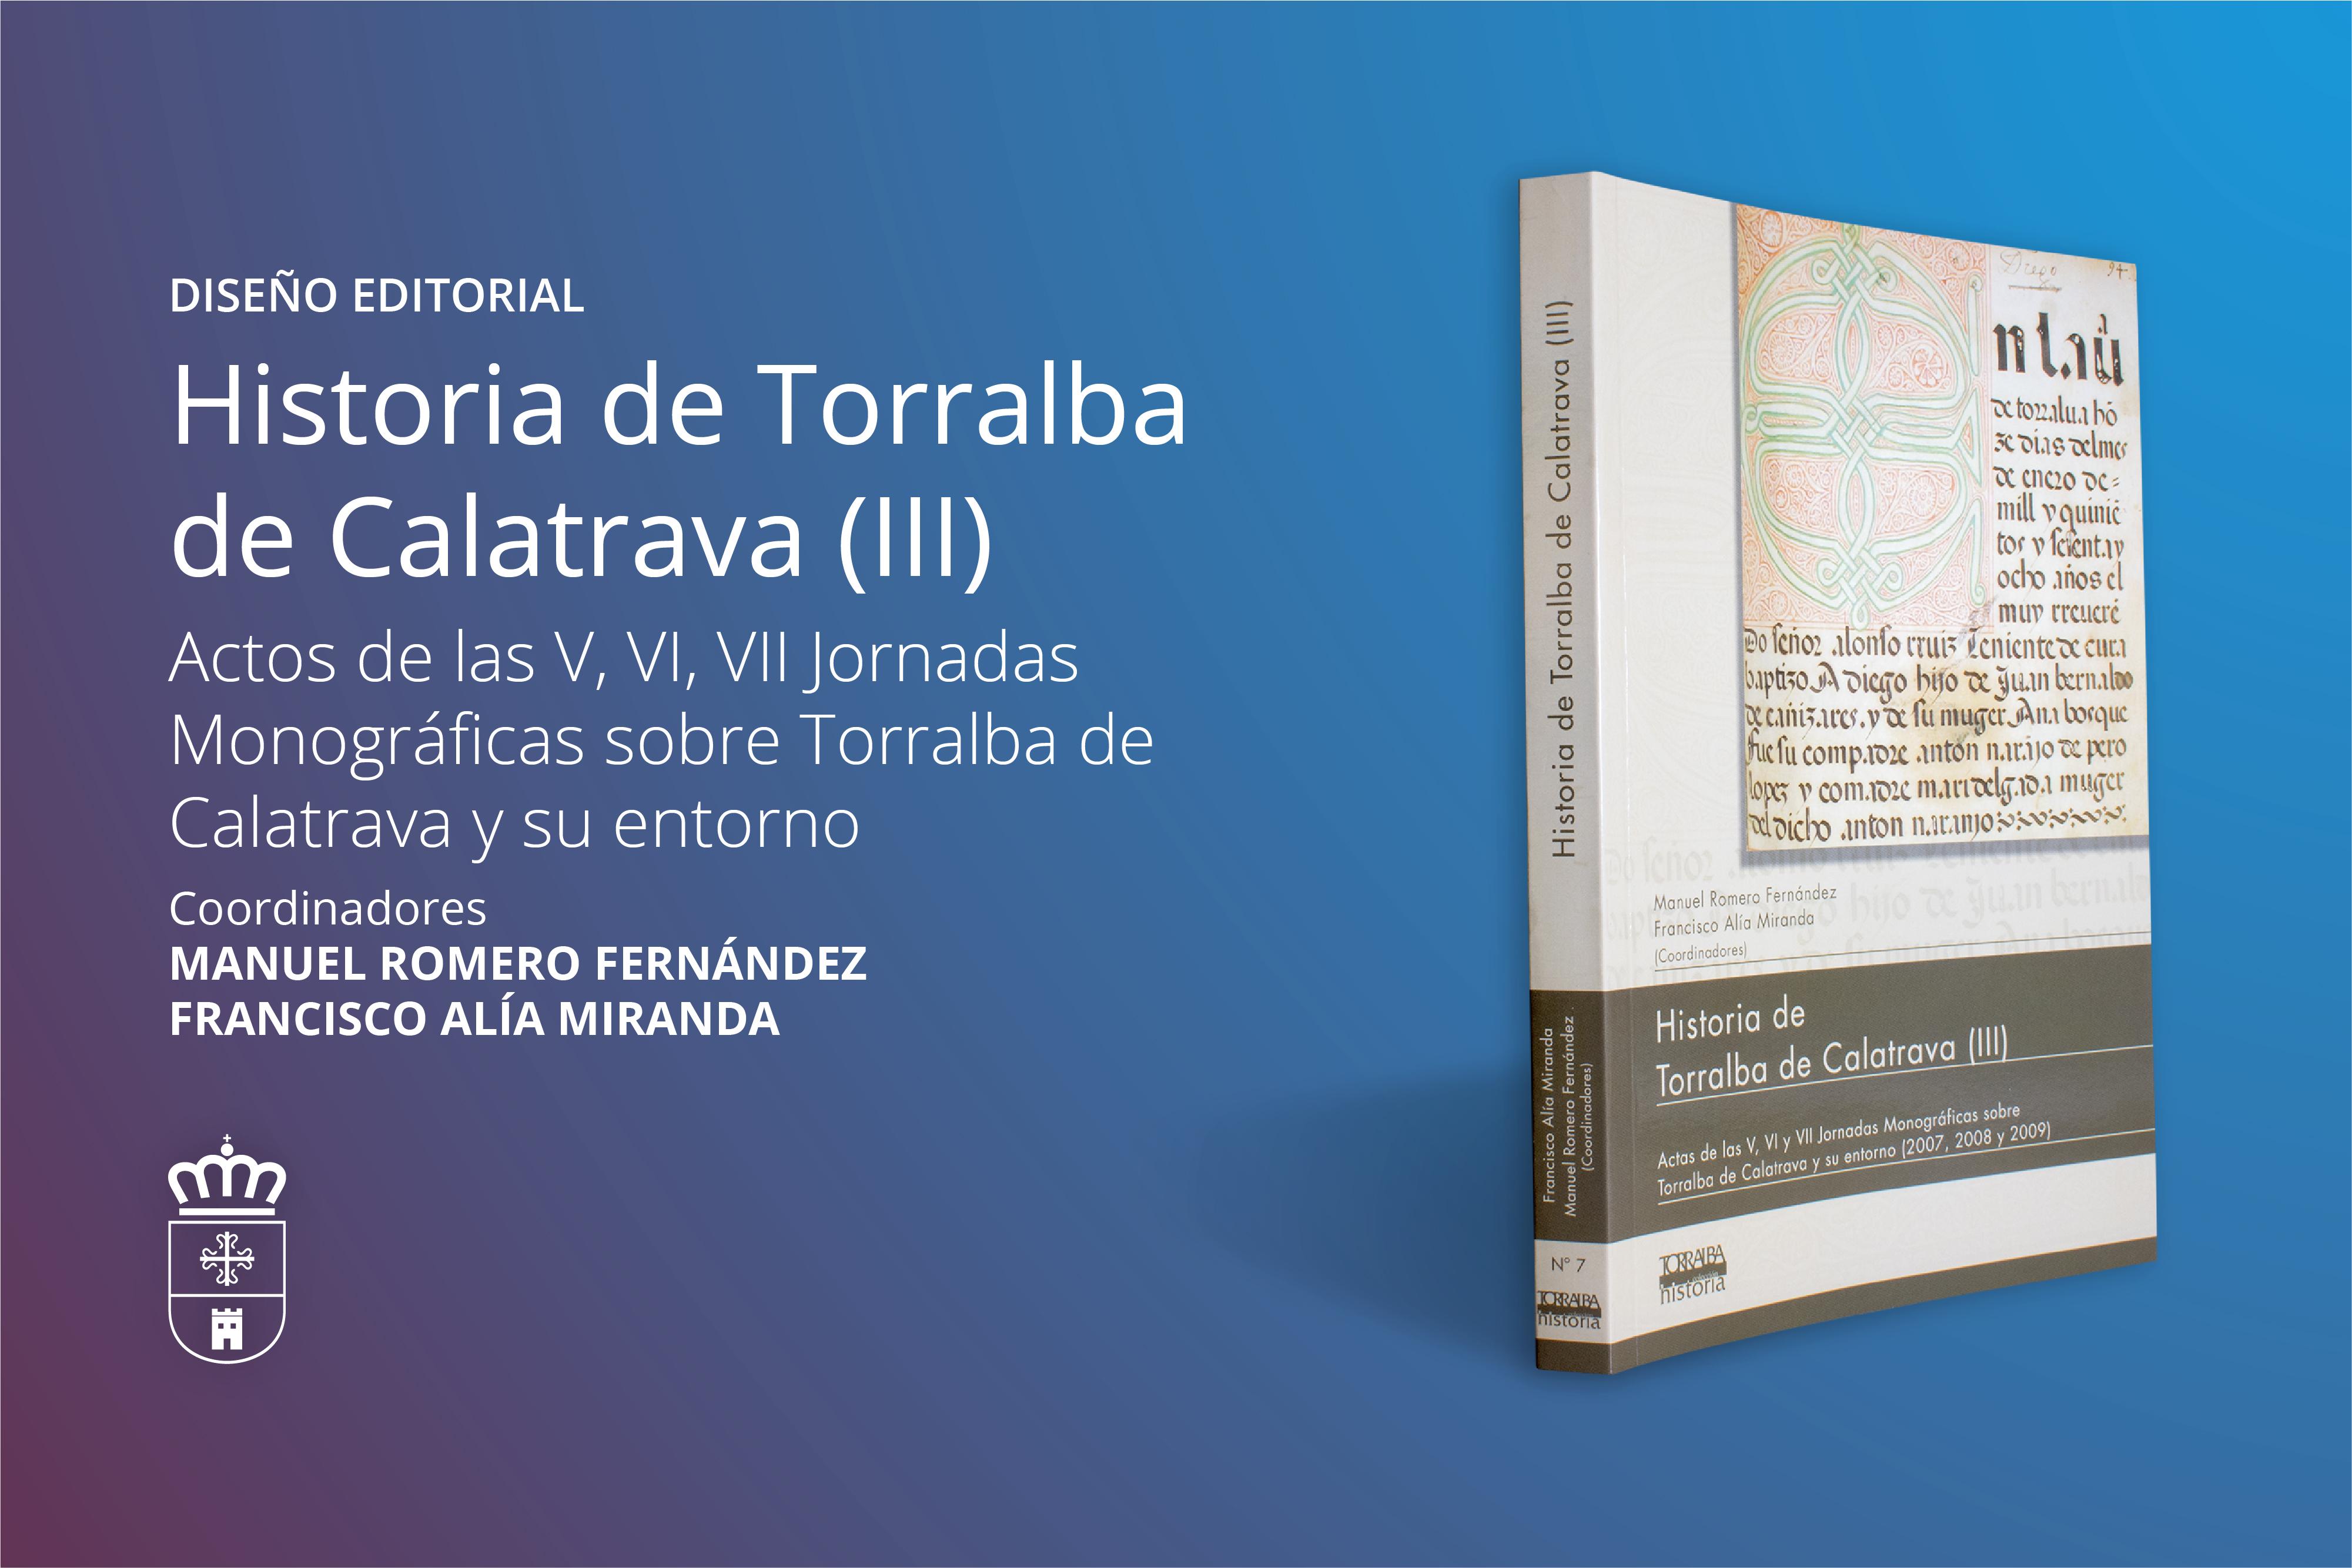 Historia de Torralba de Calatrava III